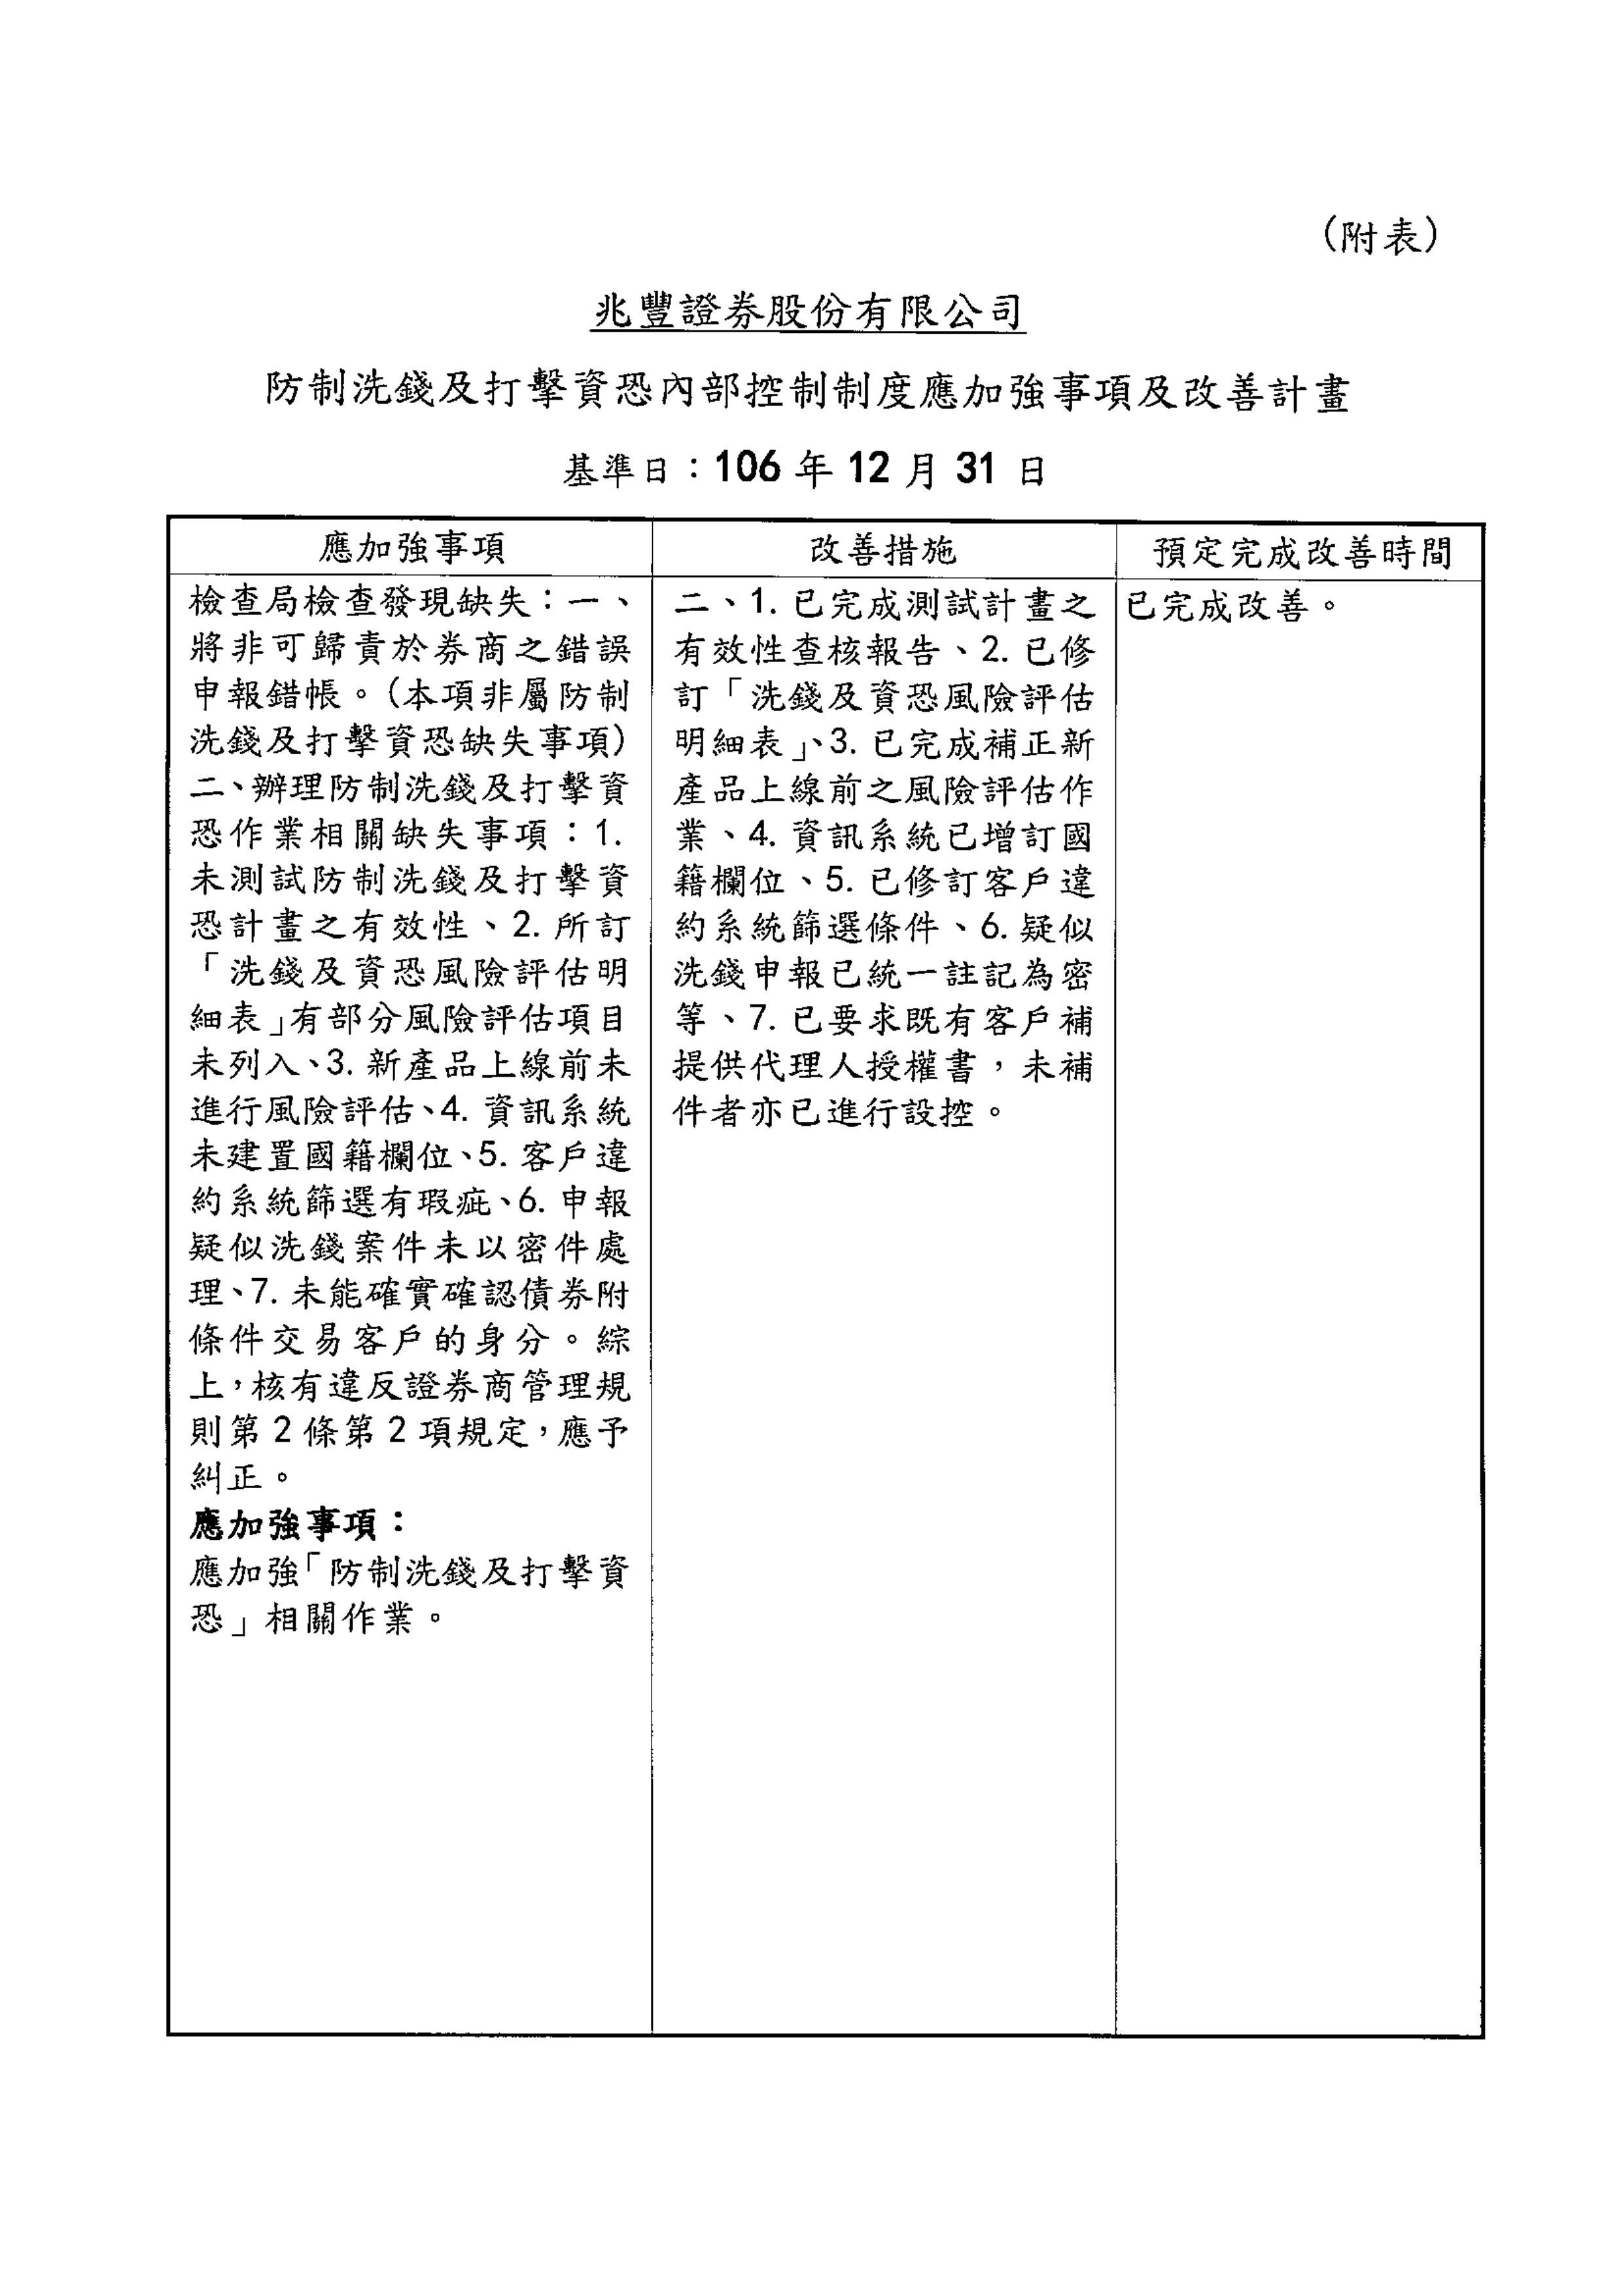 防制洗錢及打擊資恐內部控制制度聲明書107-2